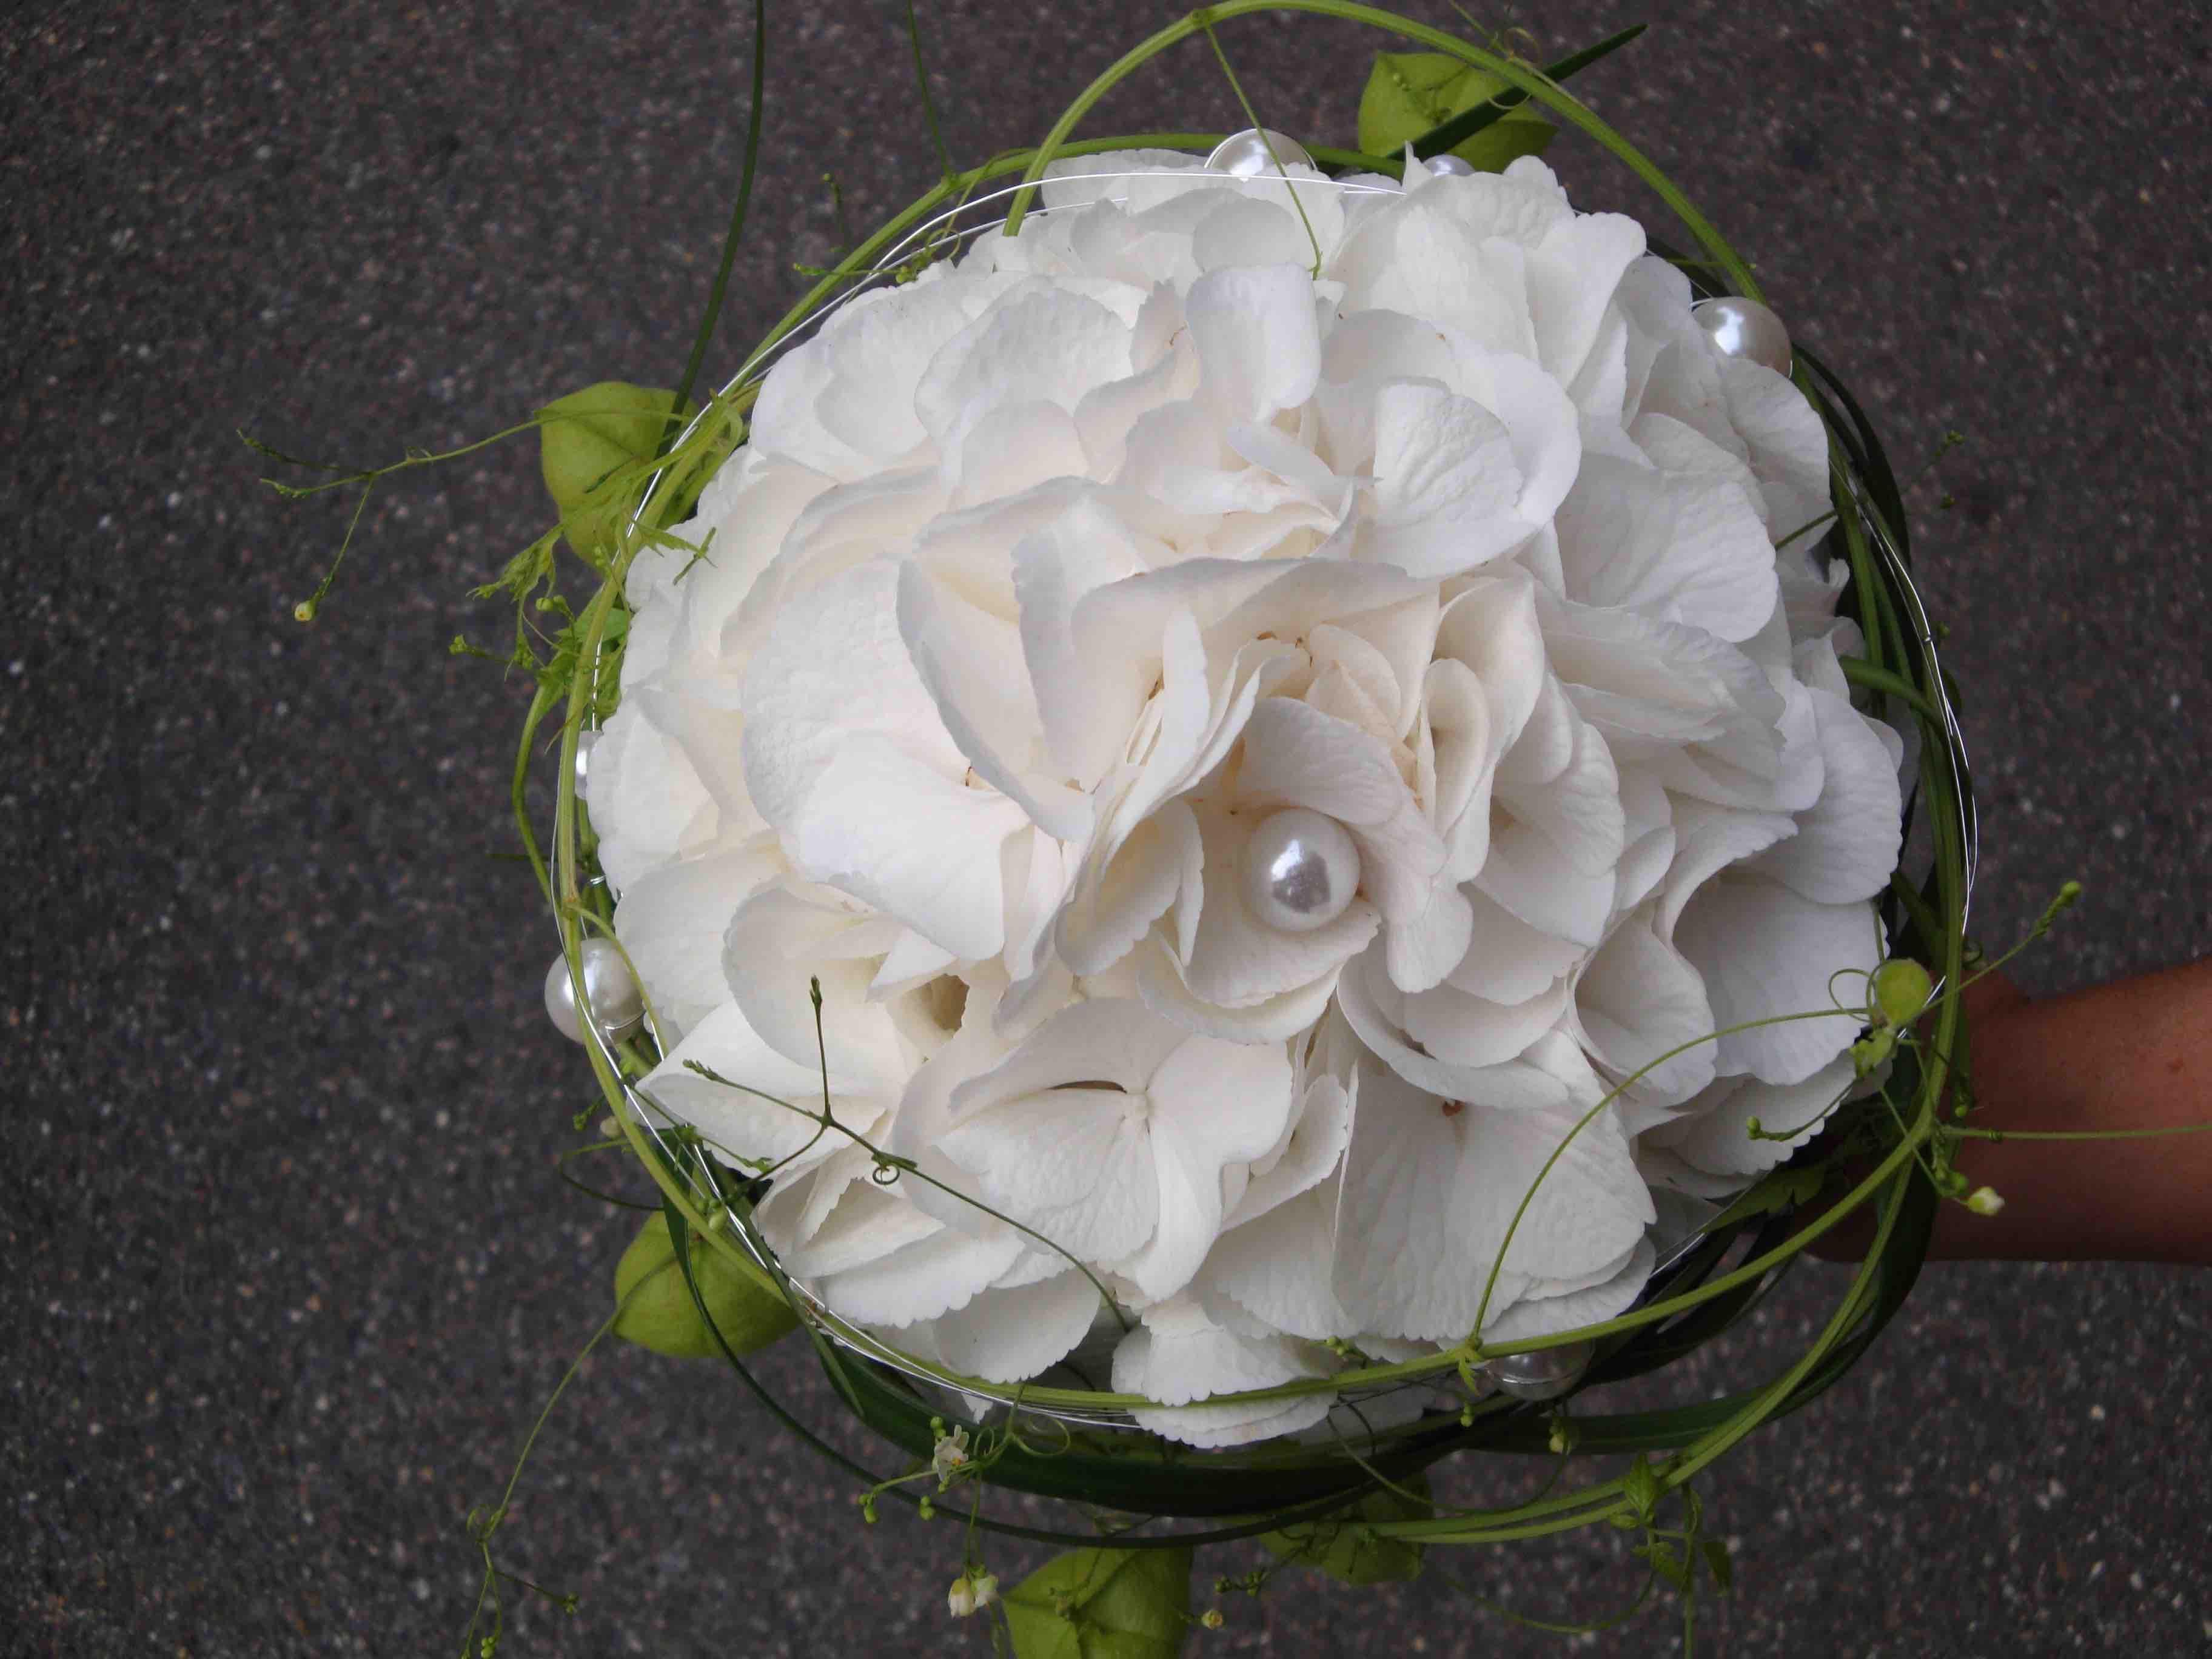 Hortensien Brautstrauß  Brautstrauss mit Hortensien in weiss und Ballonranken